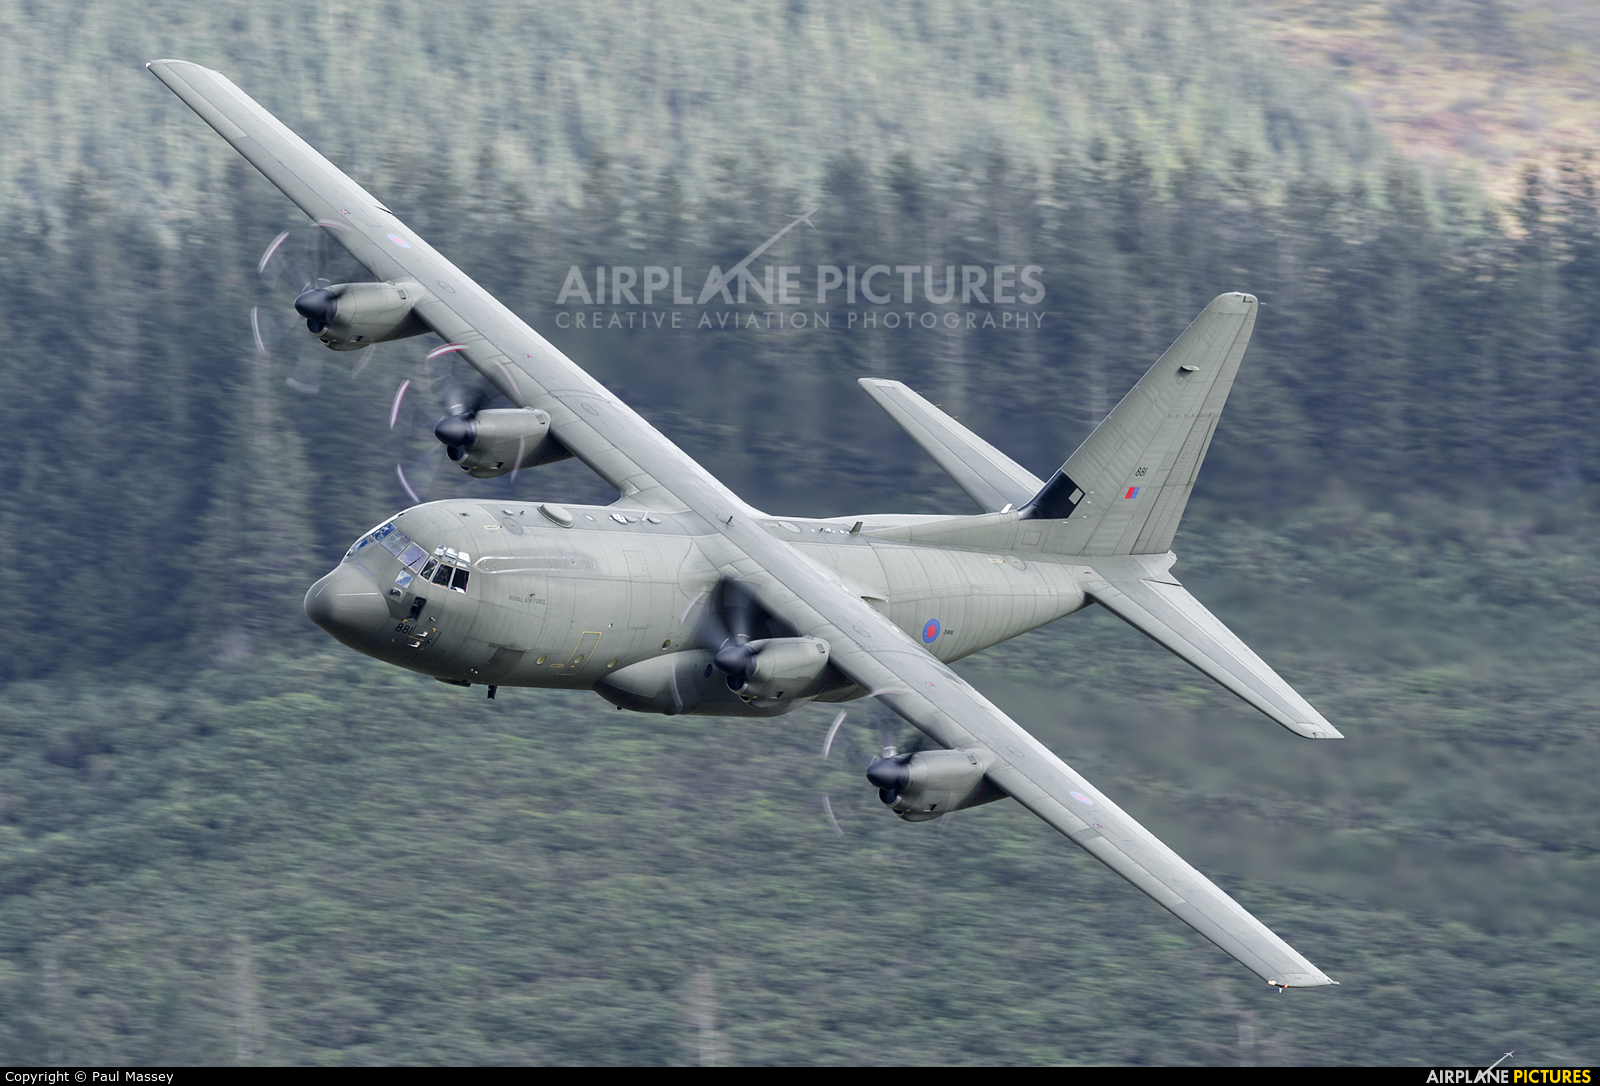 Royal Air Force ZH881 aircraft at In Flight - Wales